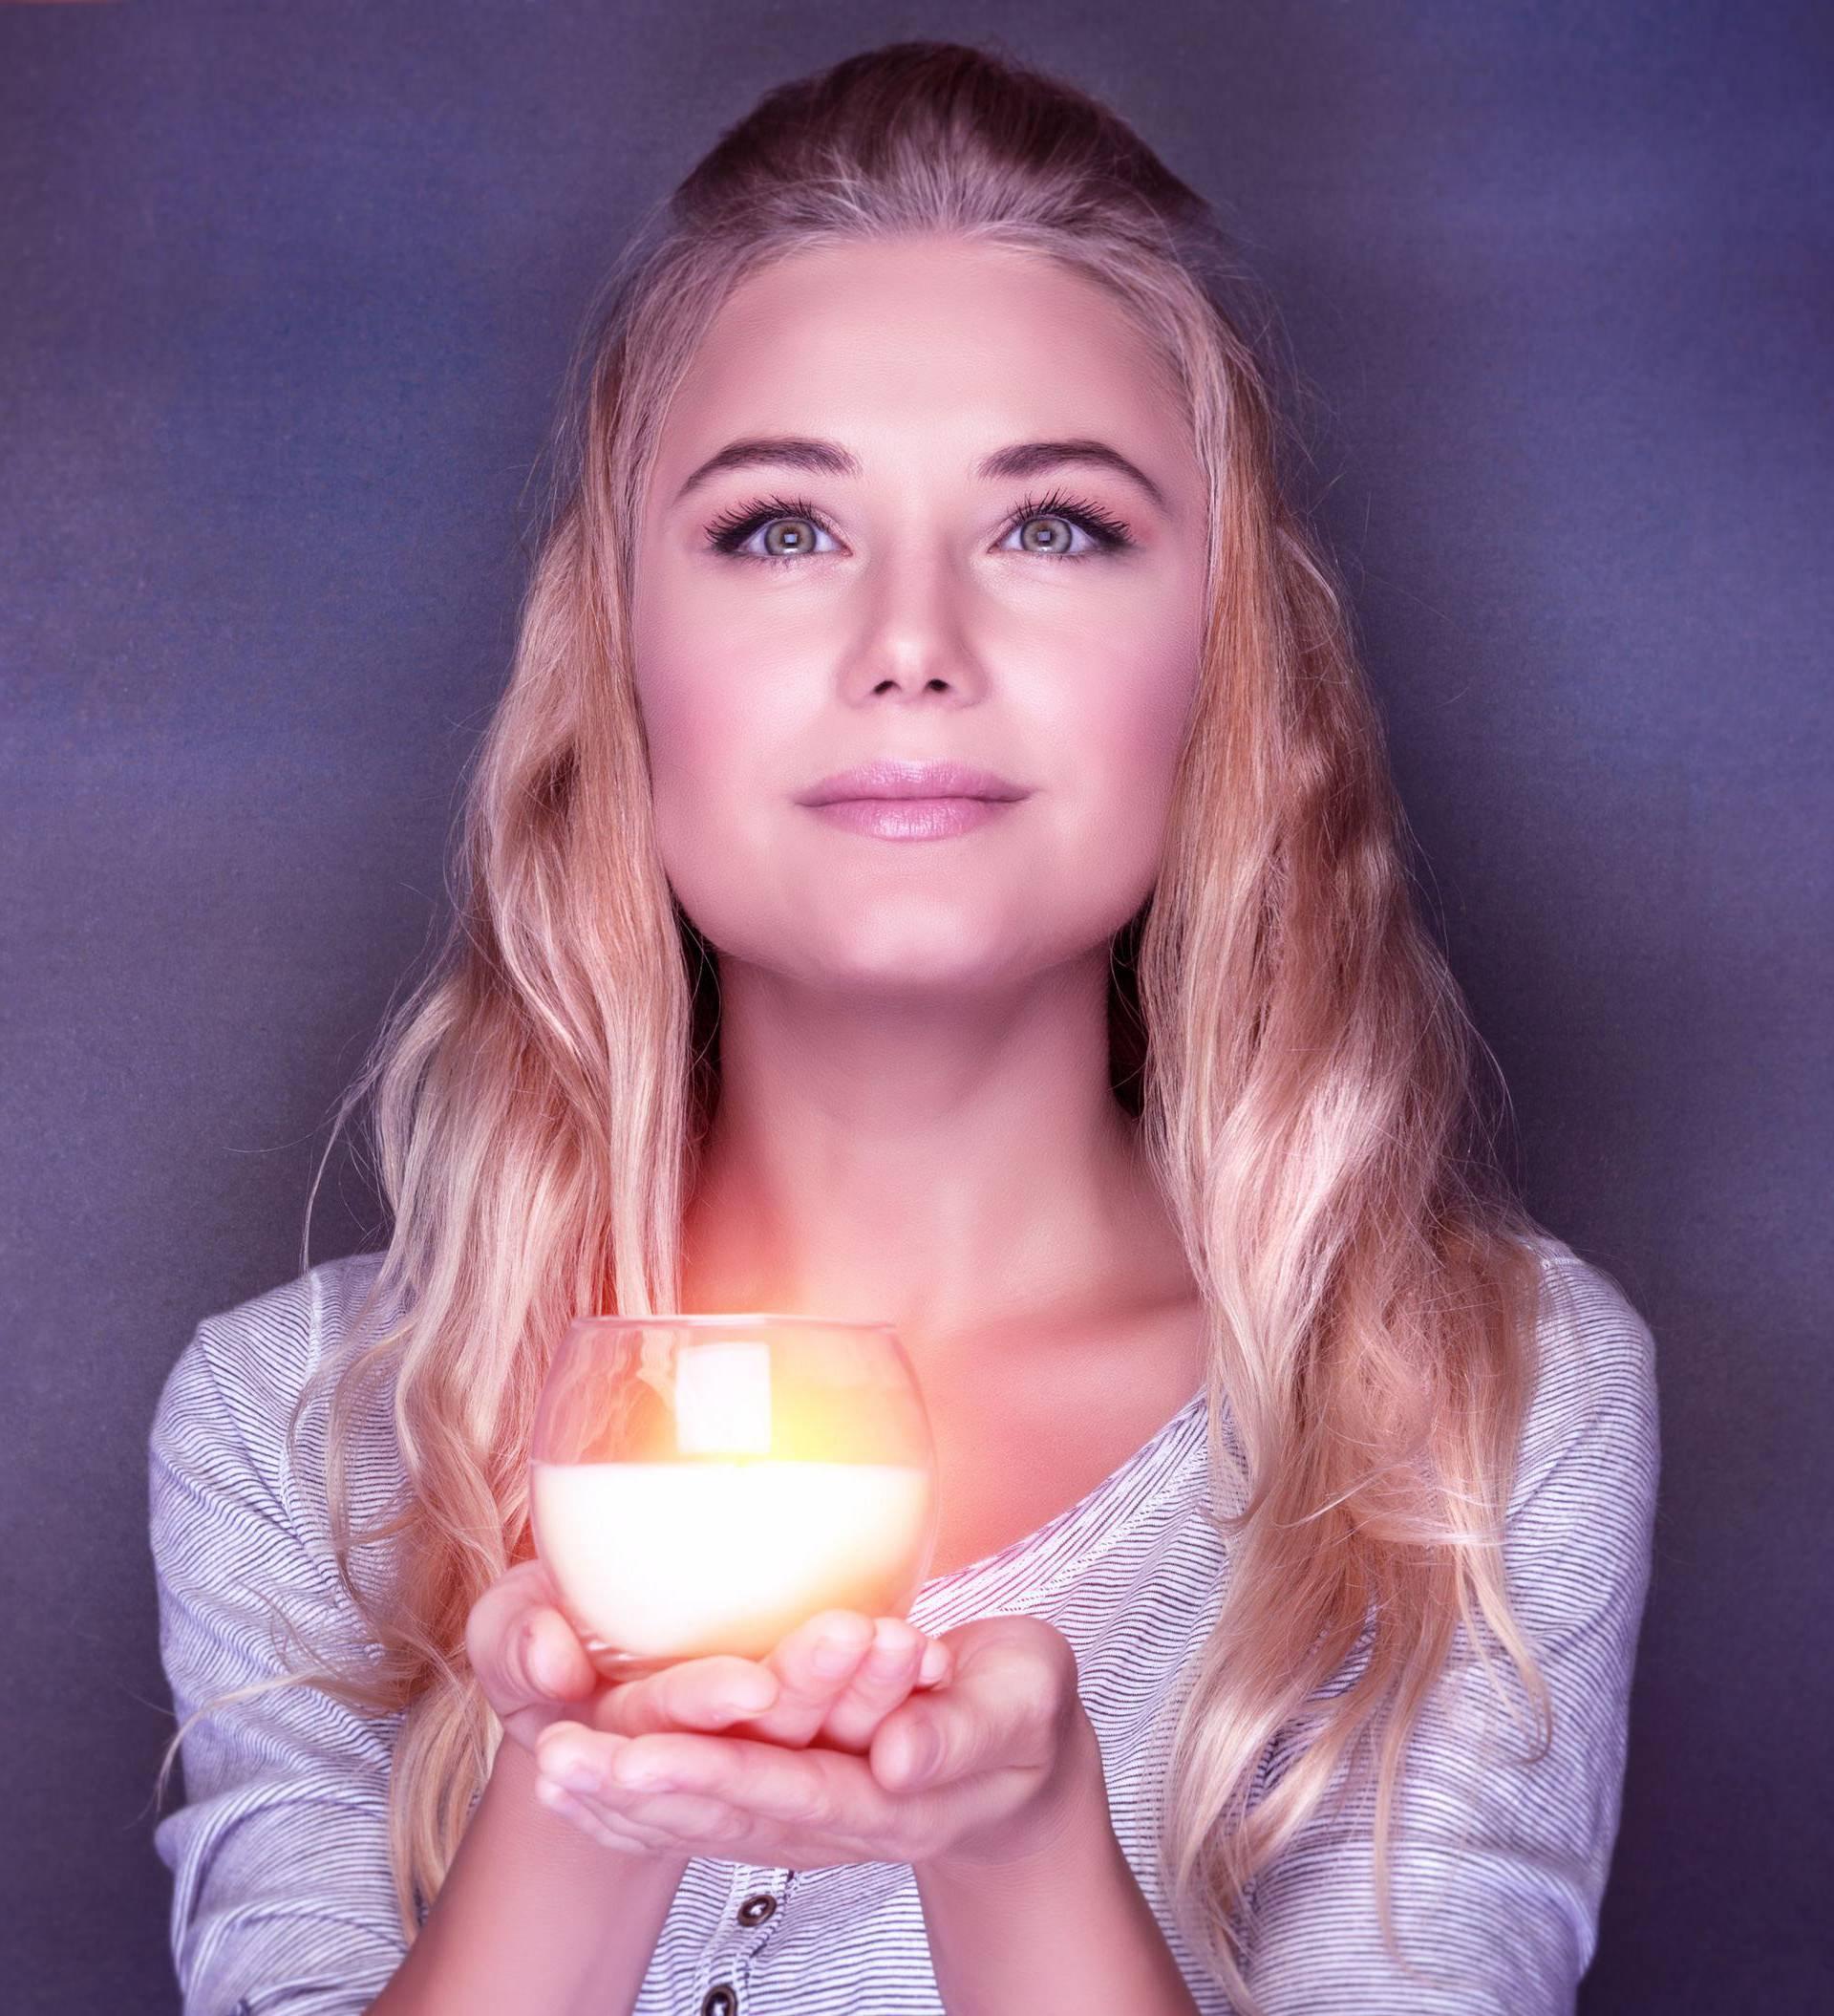 Magija svijeća: Uz bijelu svijeću povezujemo se  s preminulima